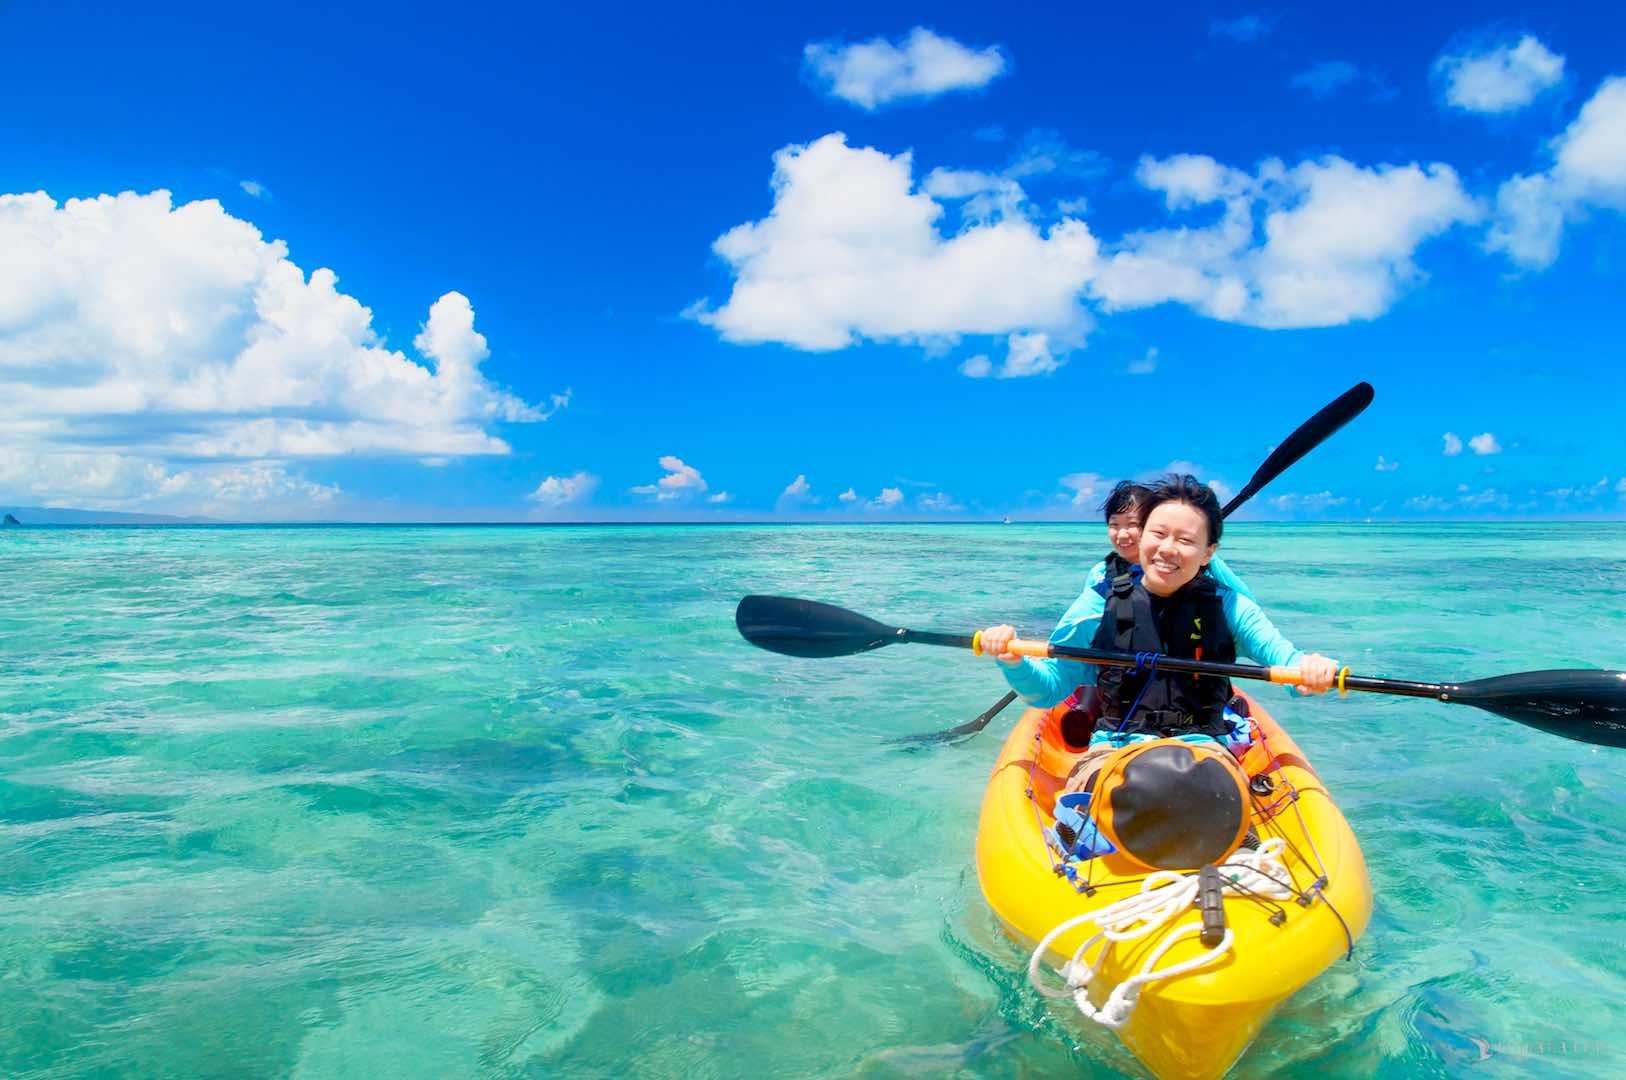 カヤックでサンゴ礁へ泳ぎに「半日カヌーシュノーケルツアー」